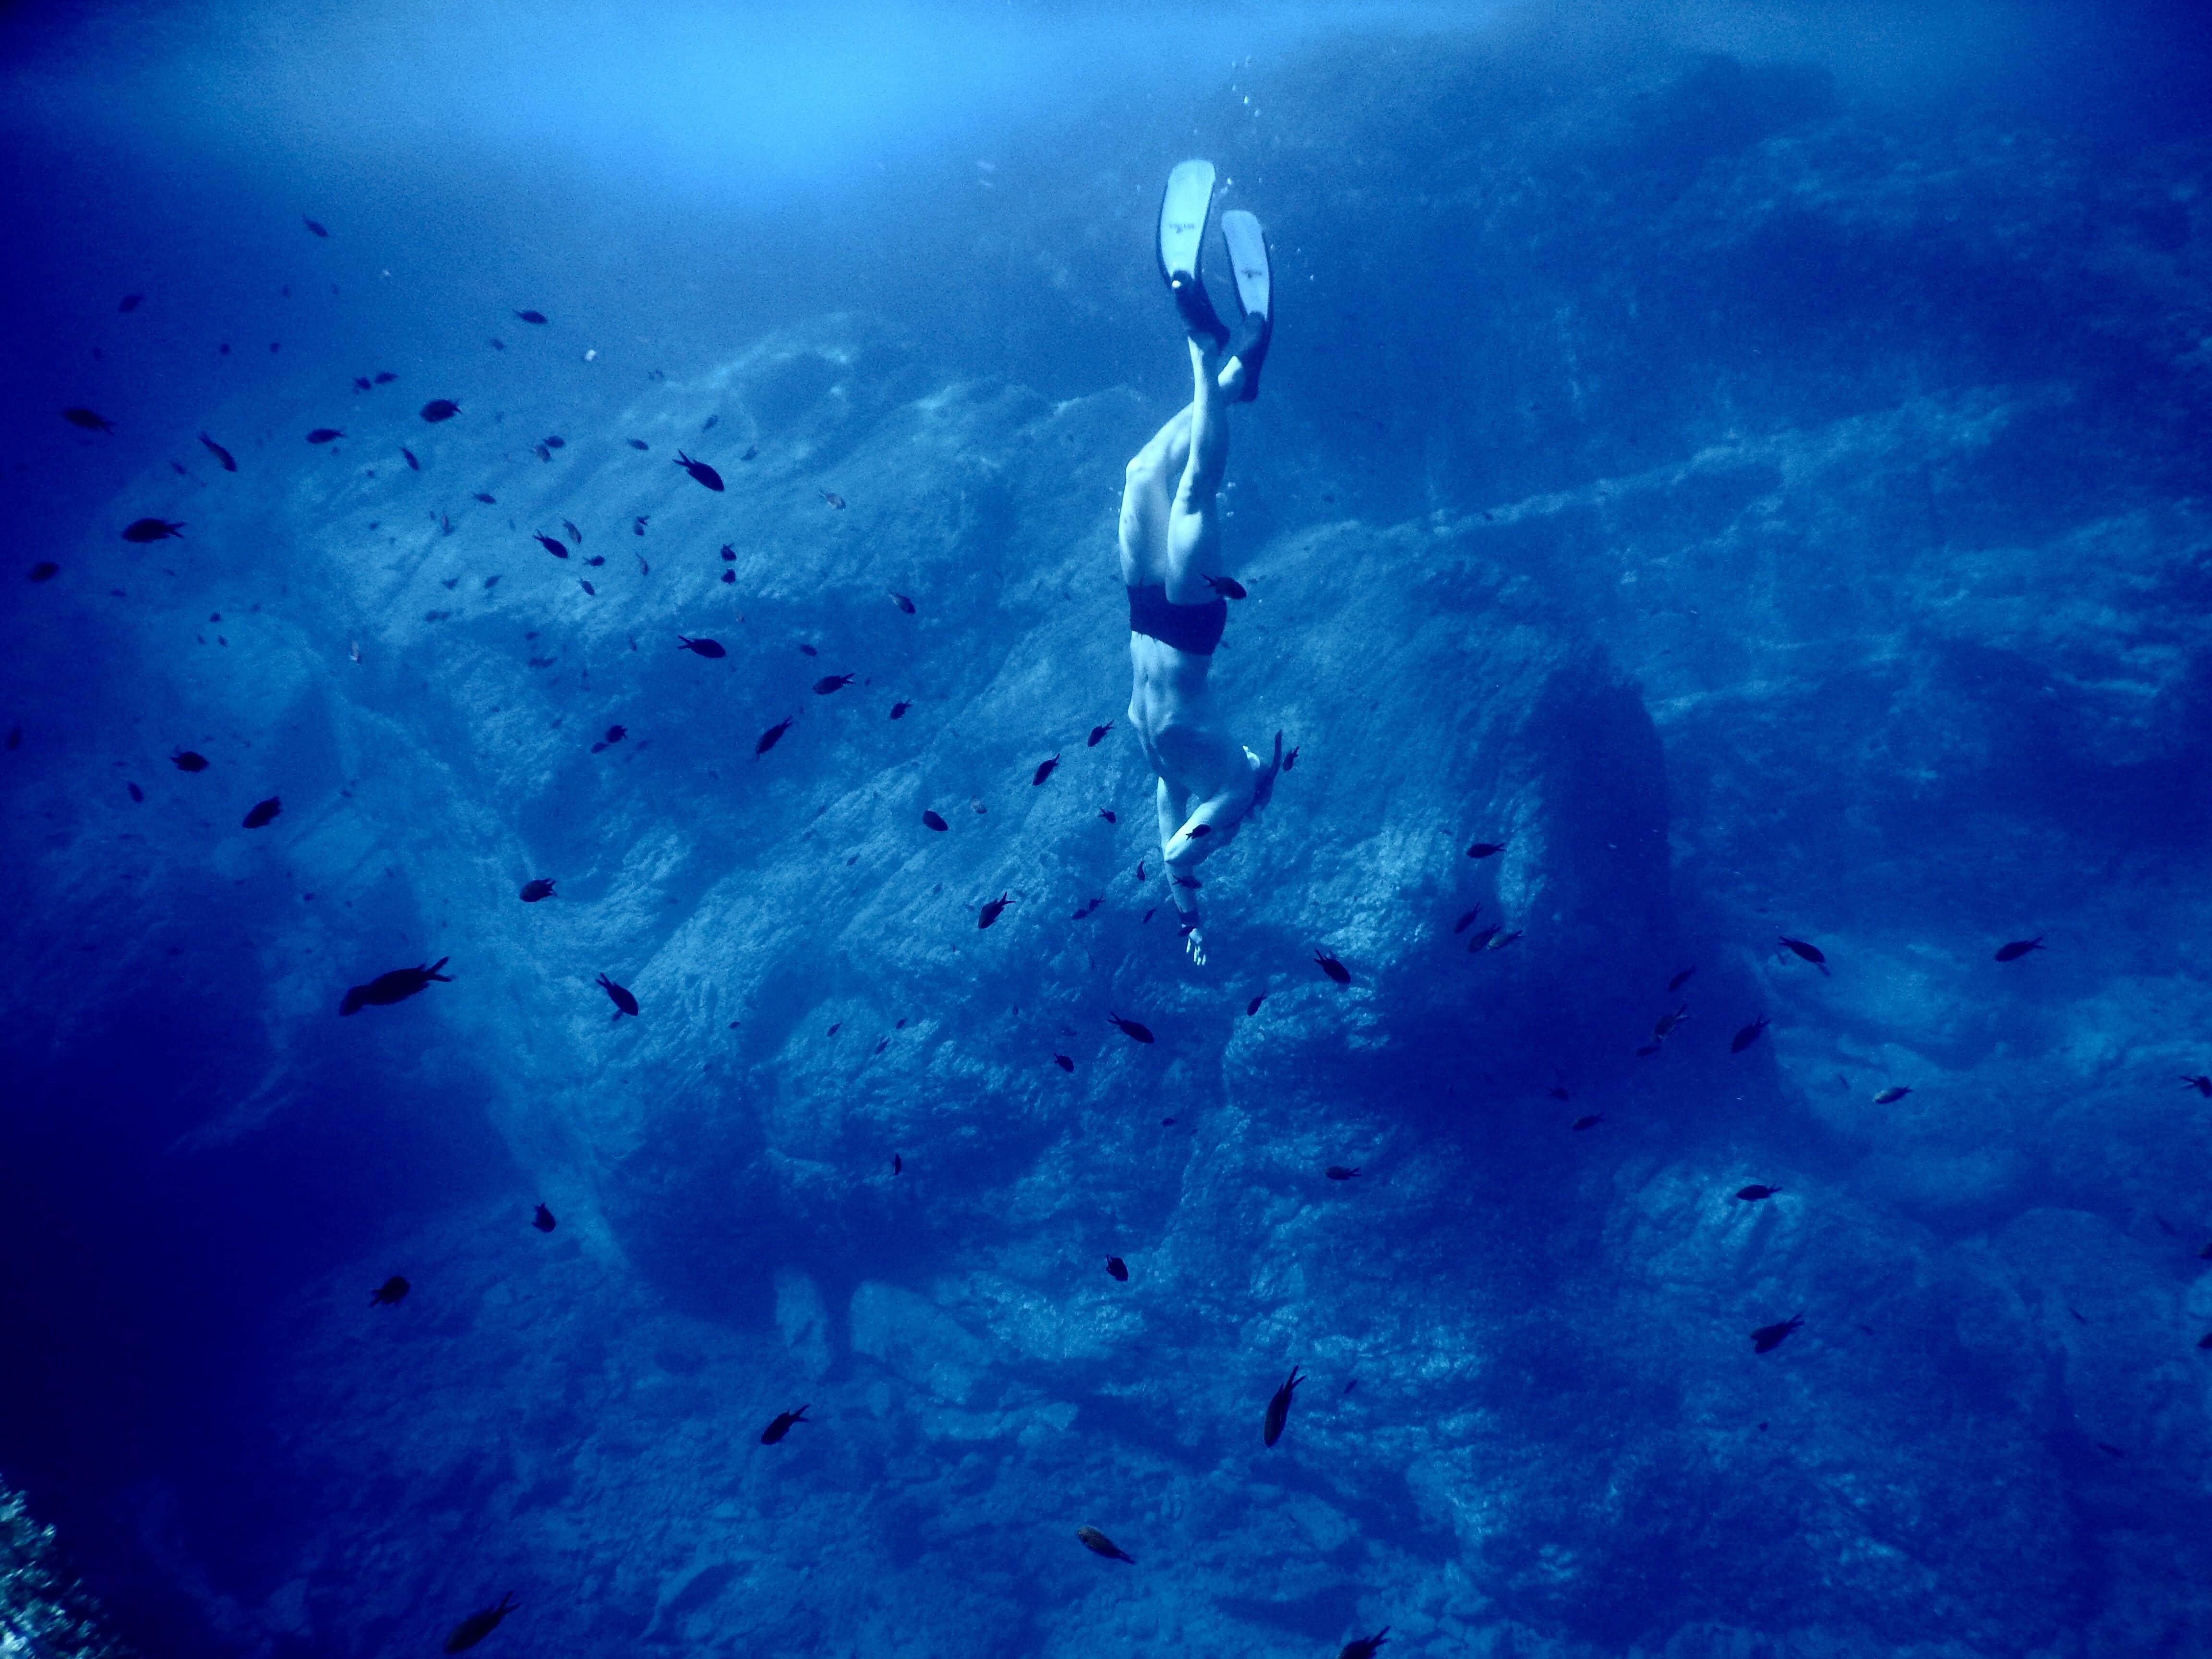 Abenteuer Freediving: Mit nur einem Atemzug geht es in die Tiefe. F